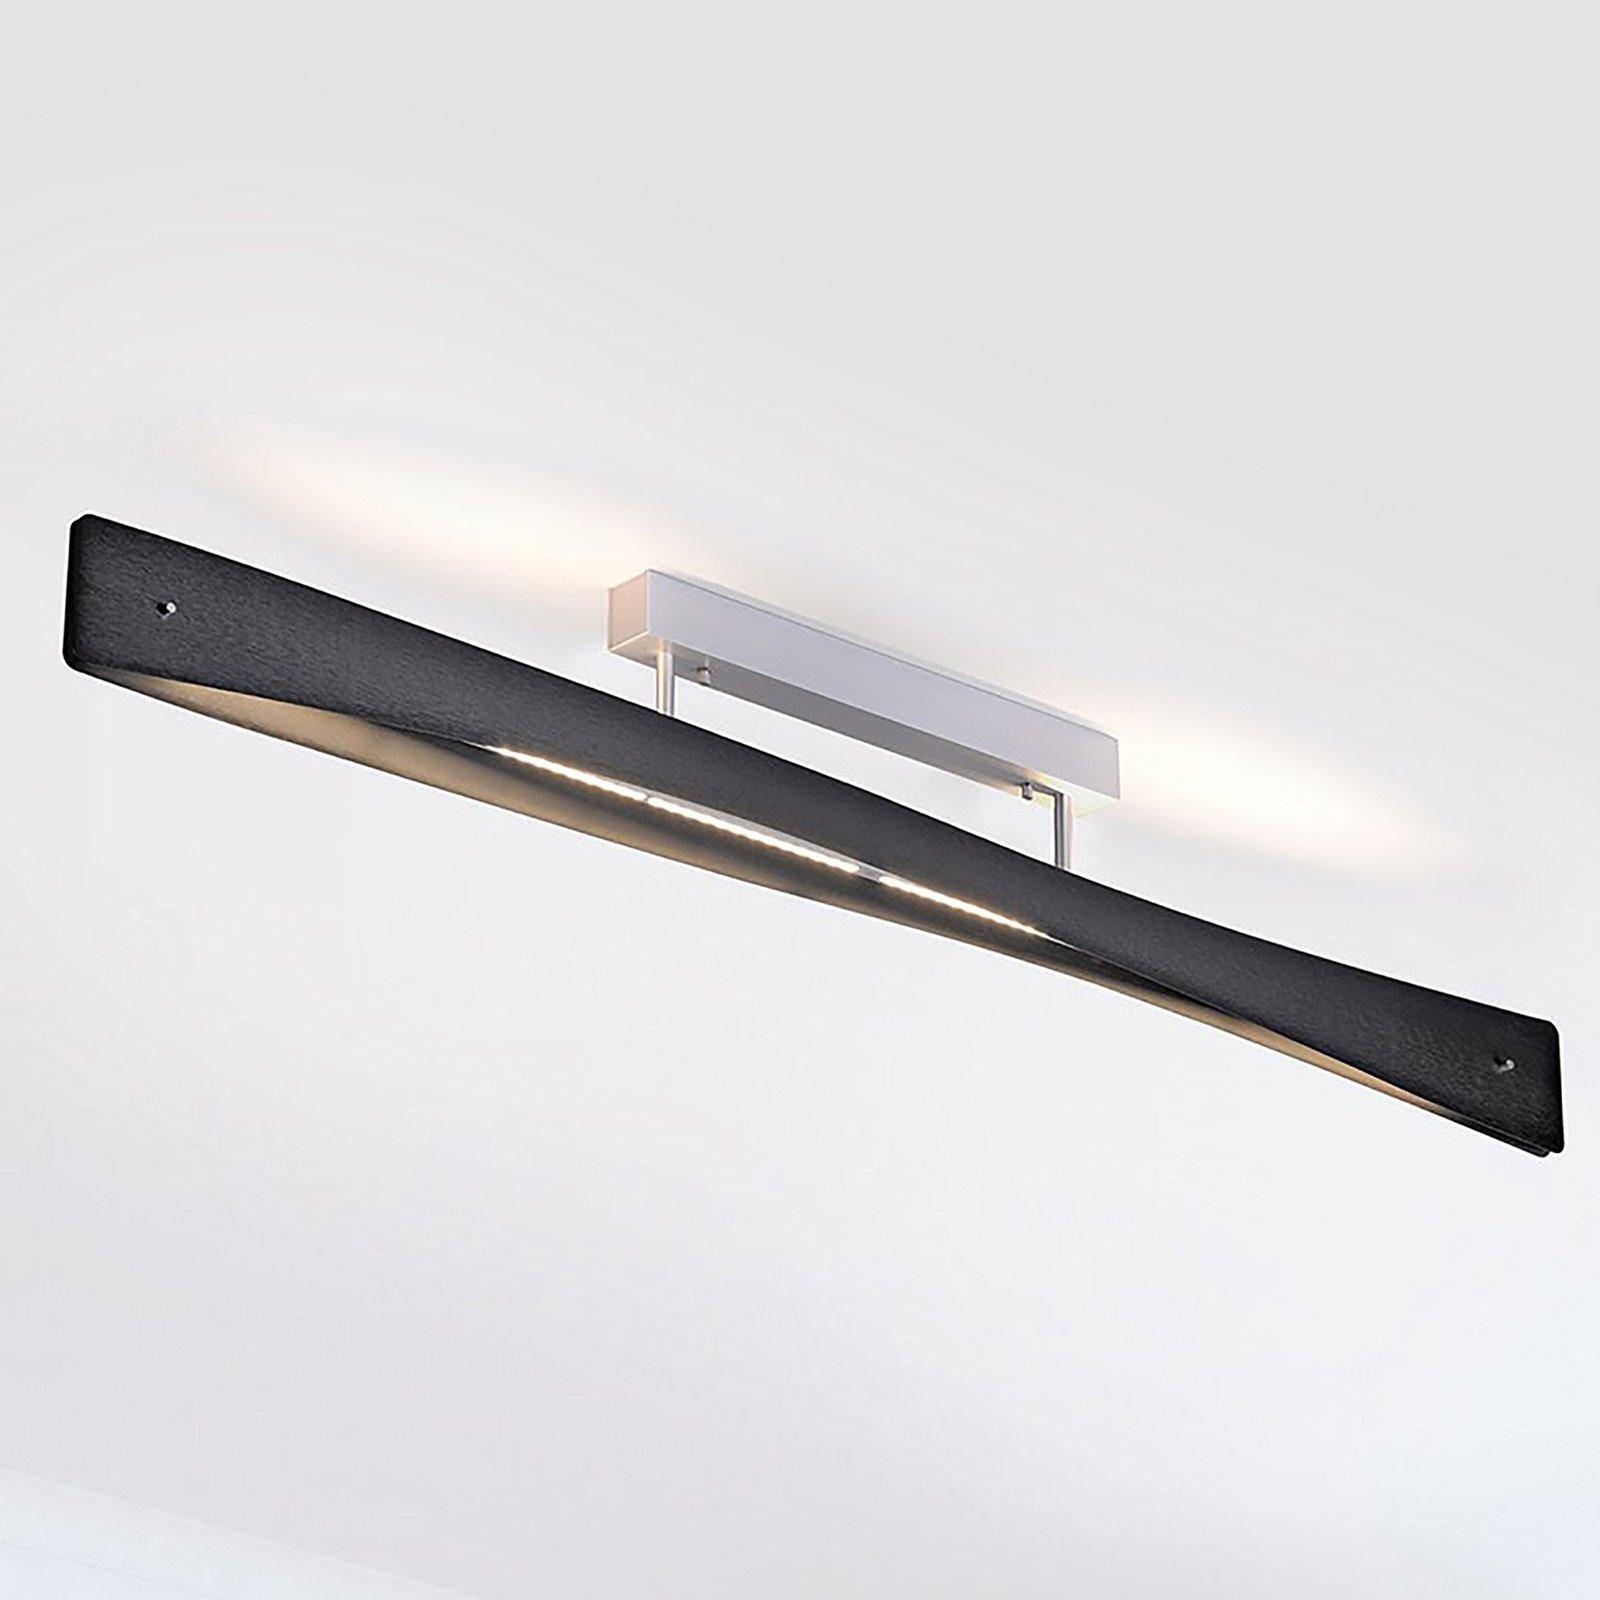 Lucande Lian LED-taklampe, svart, aluminium